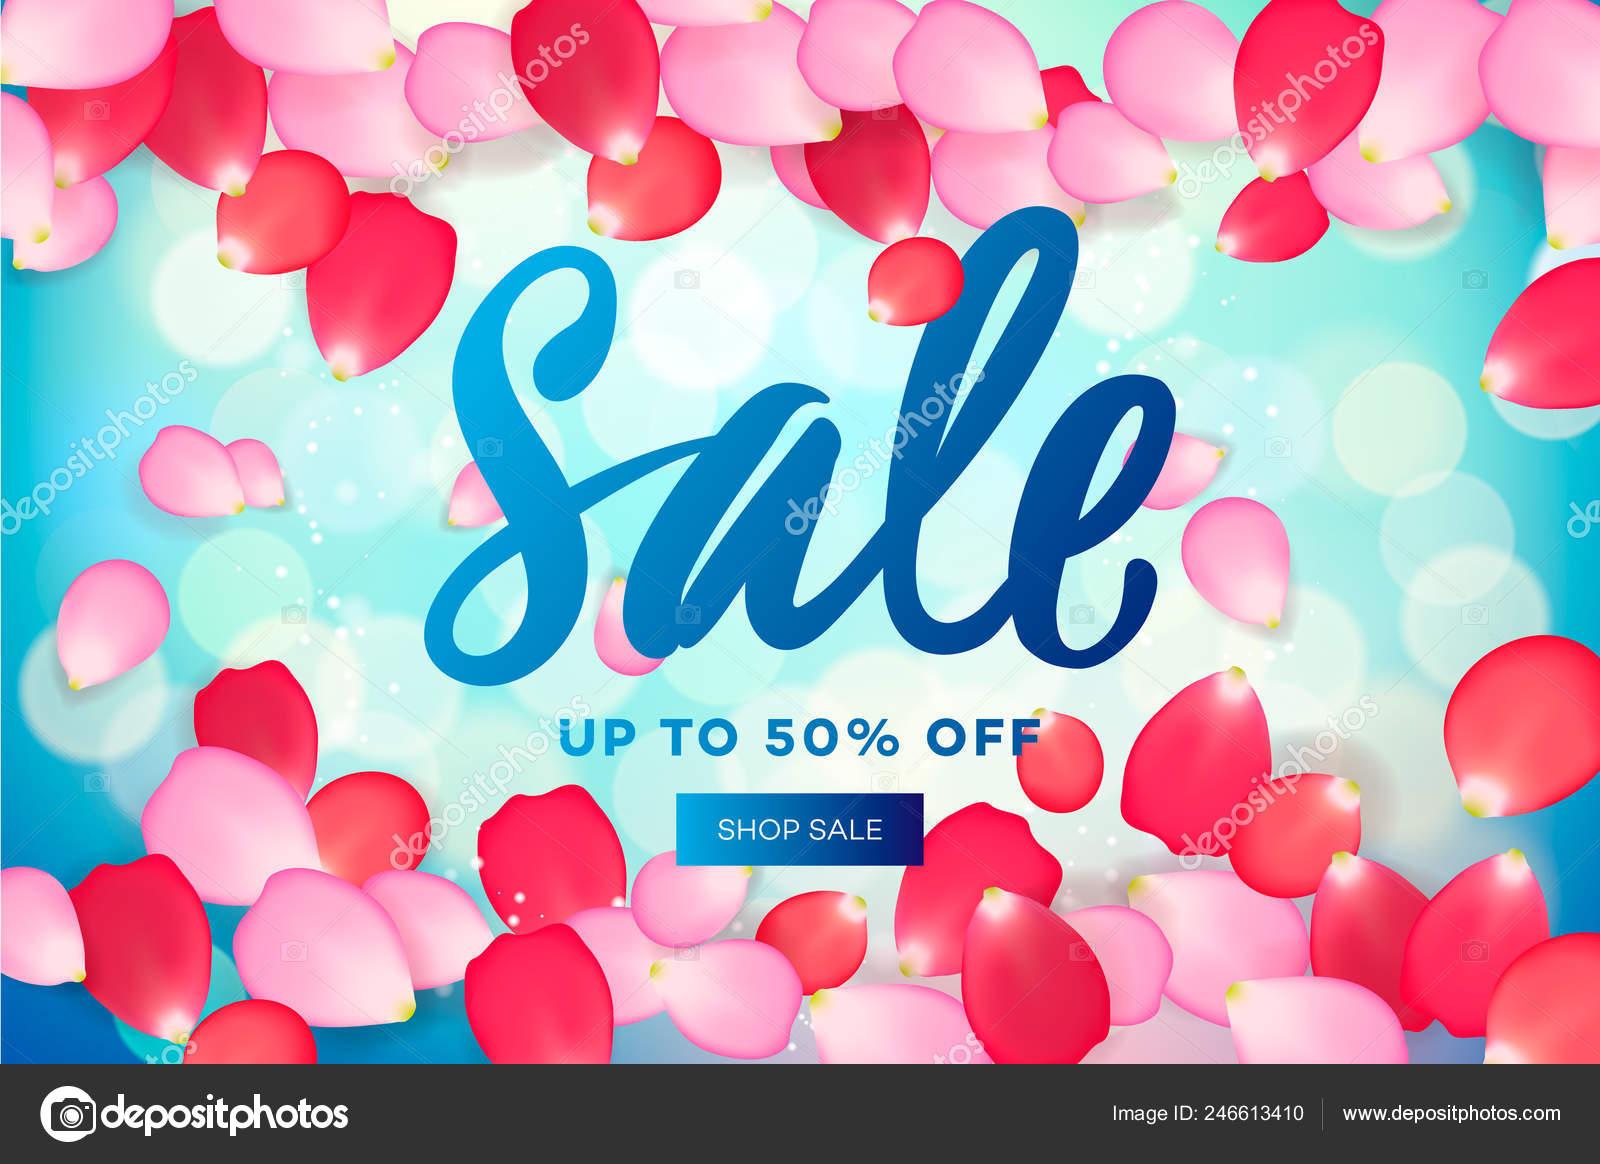 ピンクの花びらをフライングで春のセール Web バナー広告や